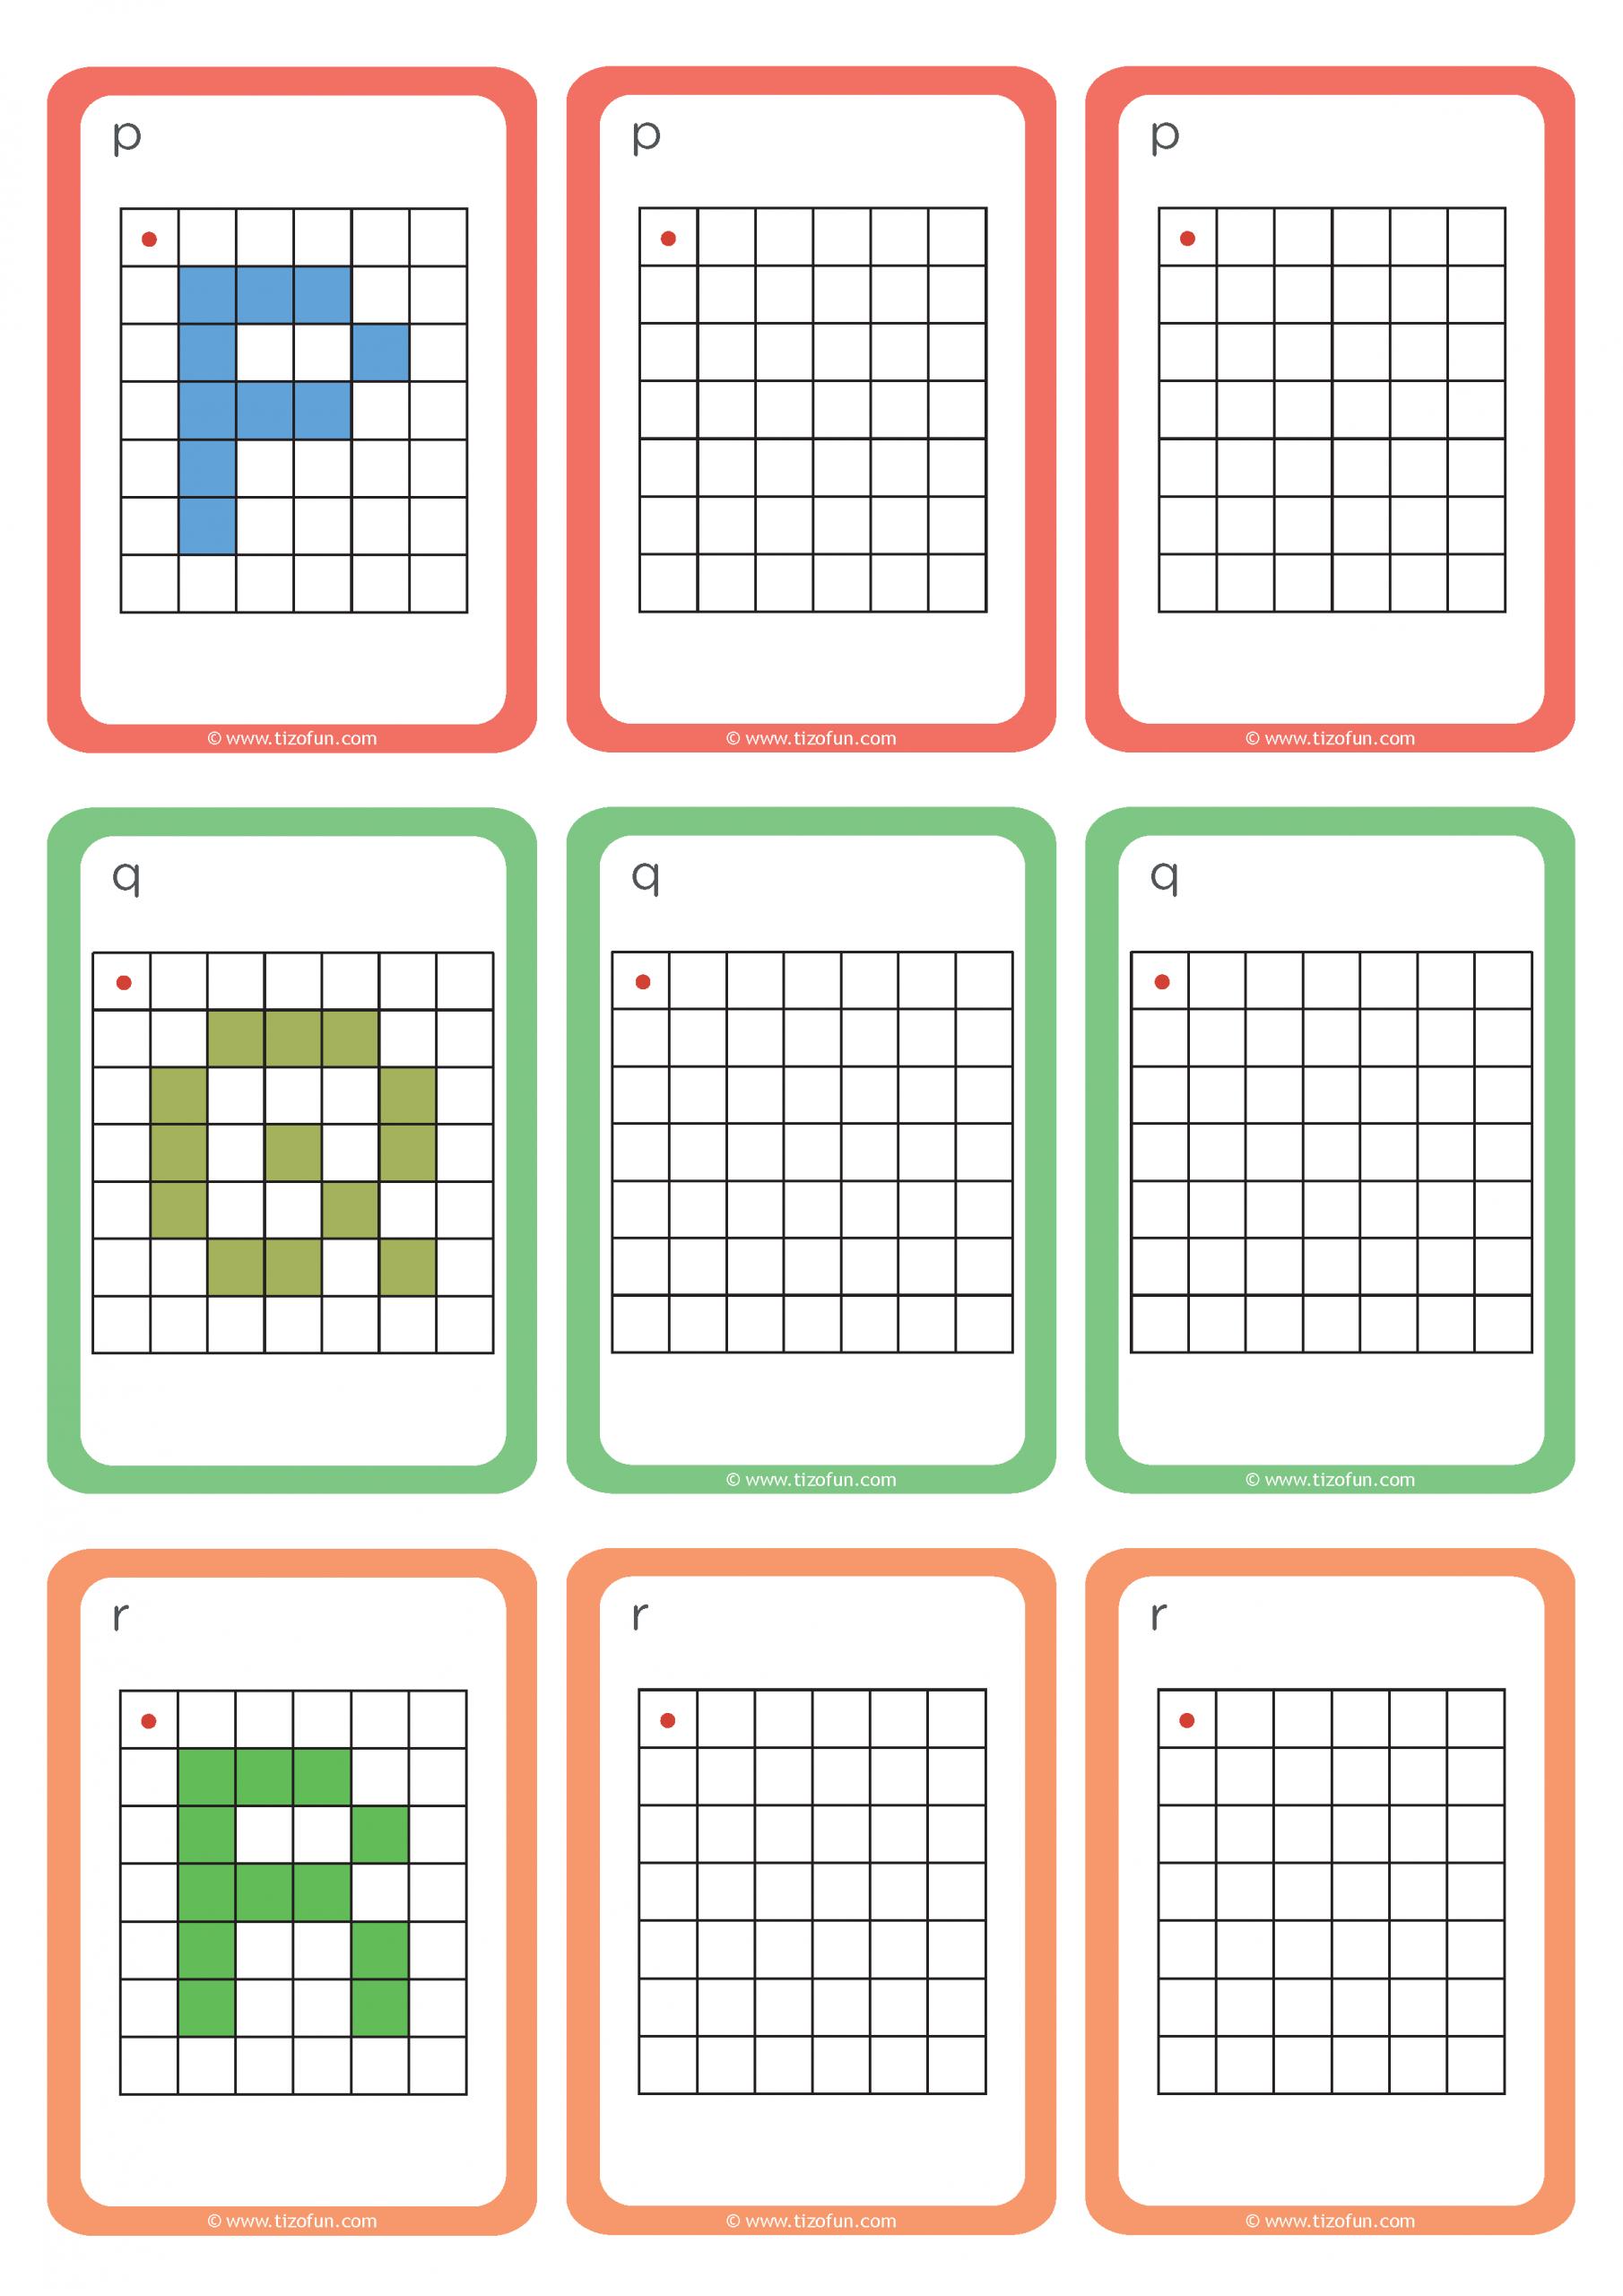 Maths-Deplacement-Dans-Un-Quadrillage-Reproduire-Les-Lettres avec Repérage Quadrillage Gs